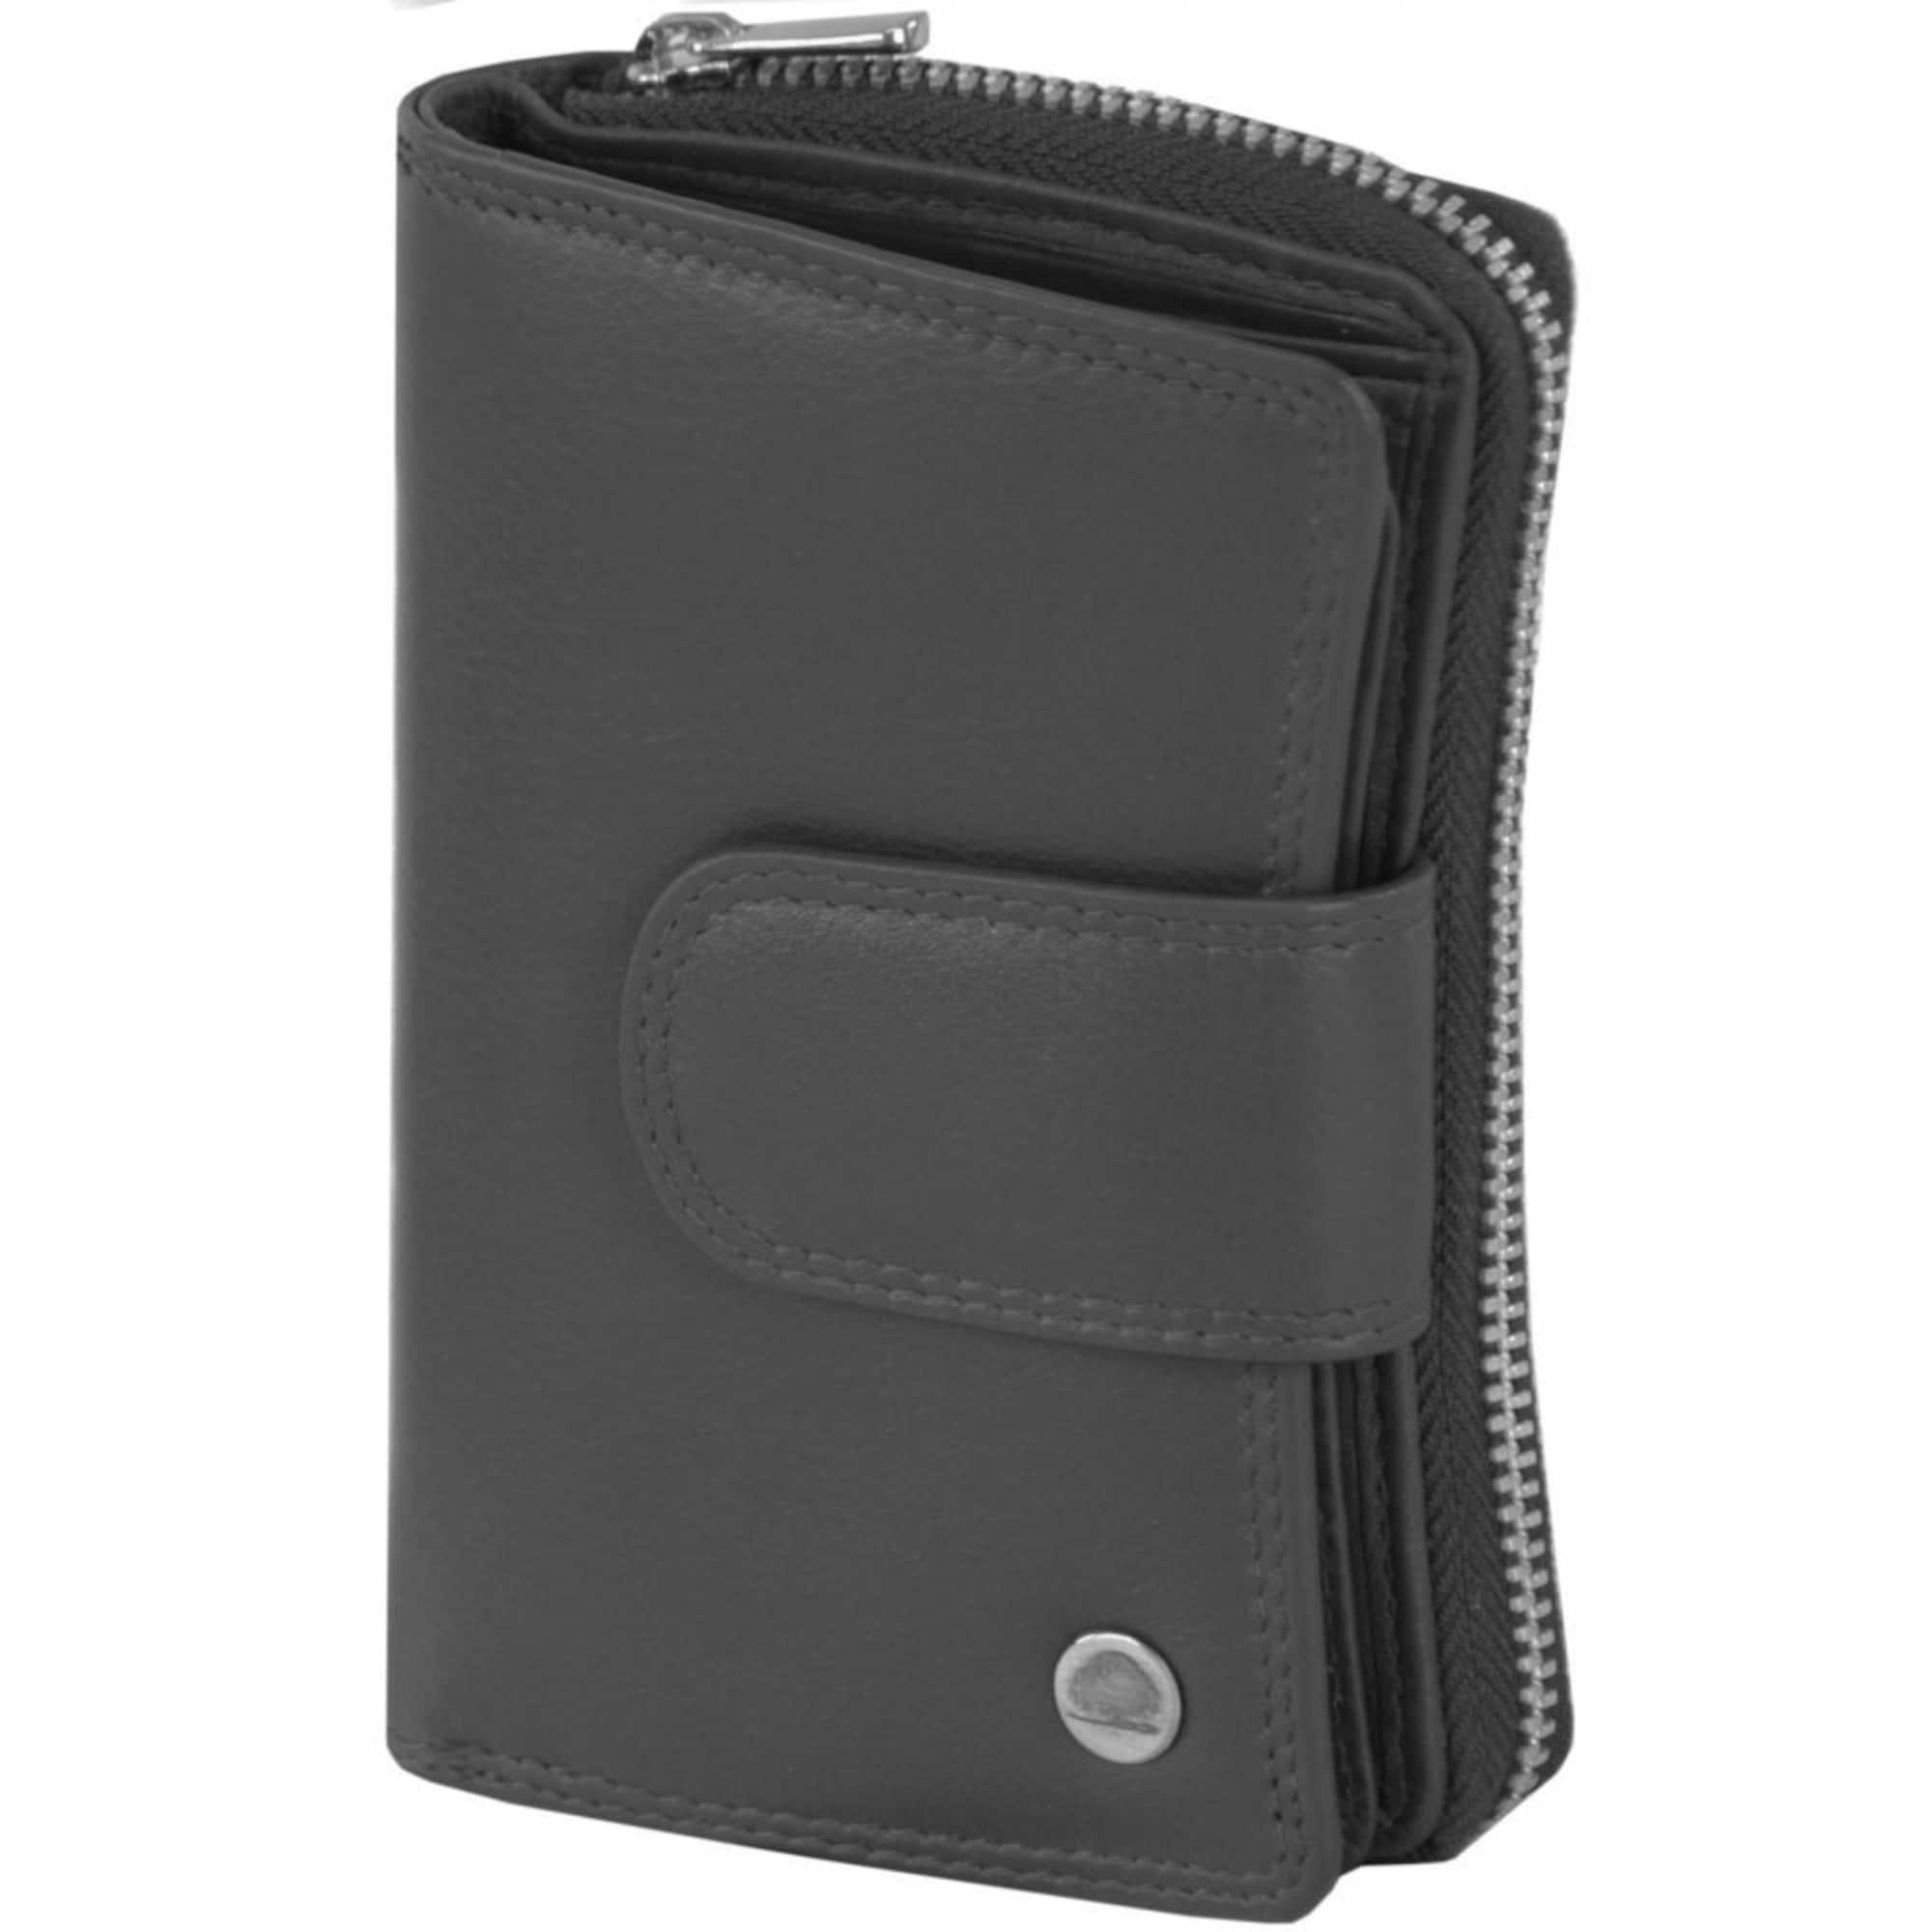 Geldbörse | Accessoires > Portemonnaies | Schwarz | GREENBURRY